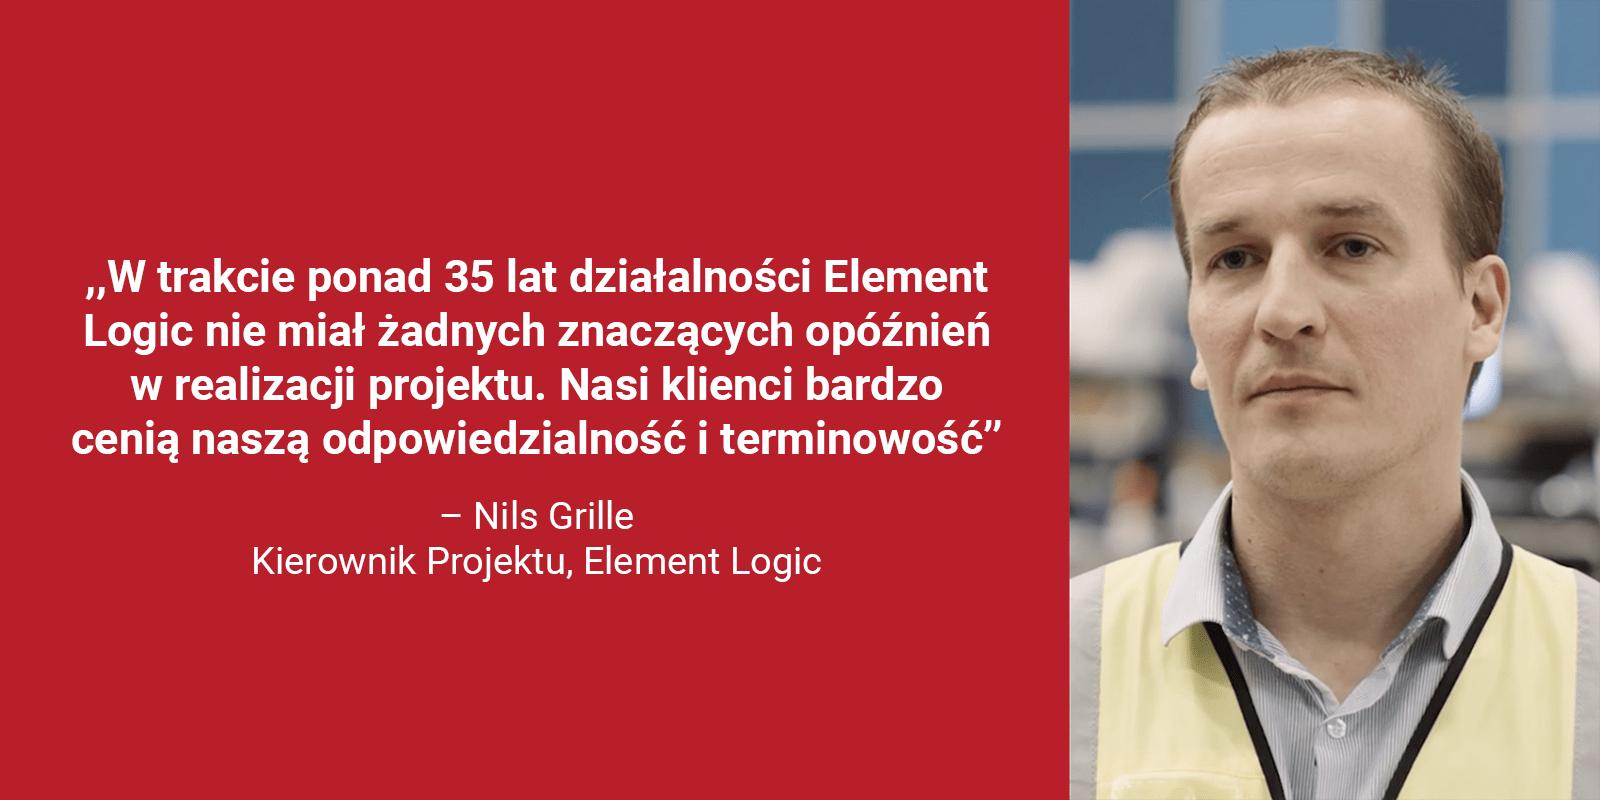 Zbliżenie zdjęcia Nils Grille, Kierownik Projektu, Element Logic w czerwonym polu zcytatem: